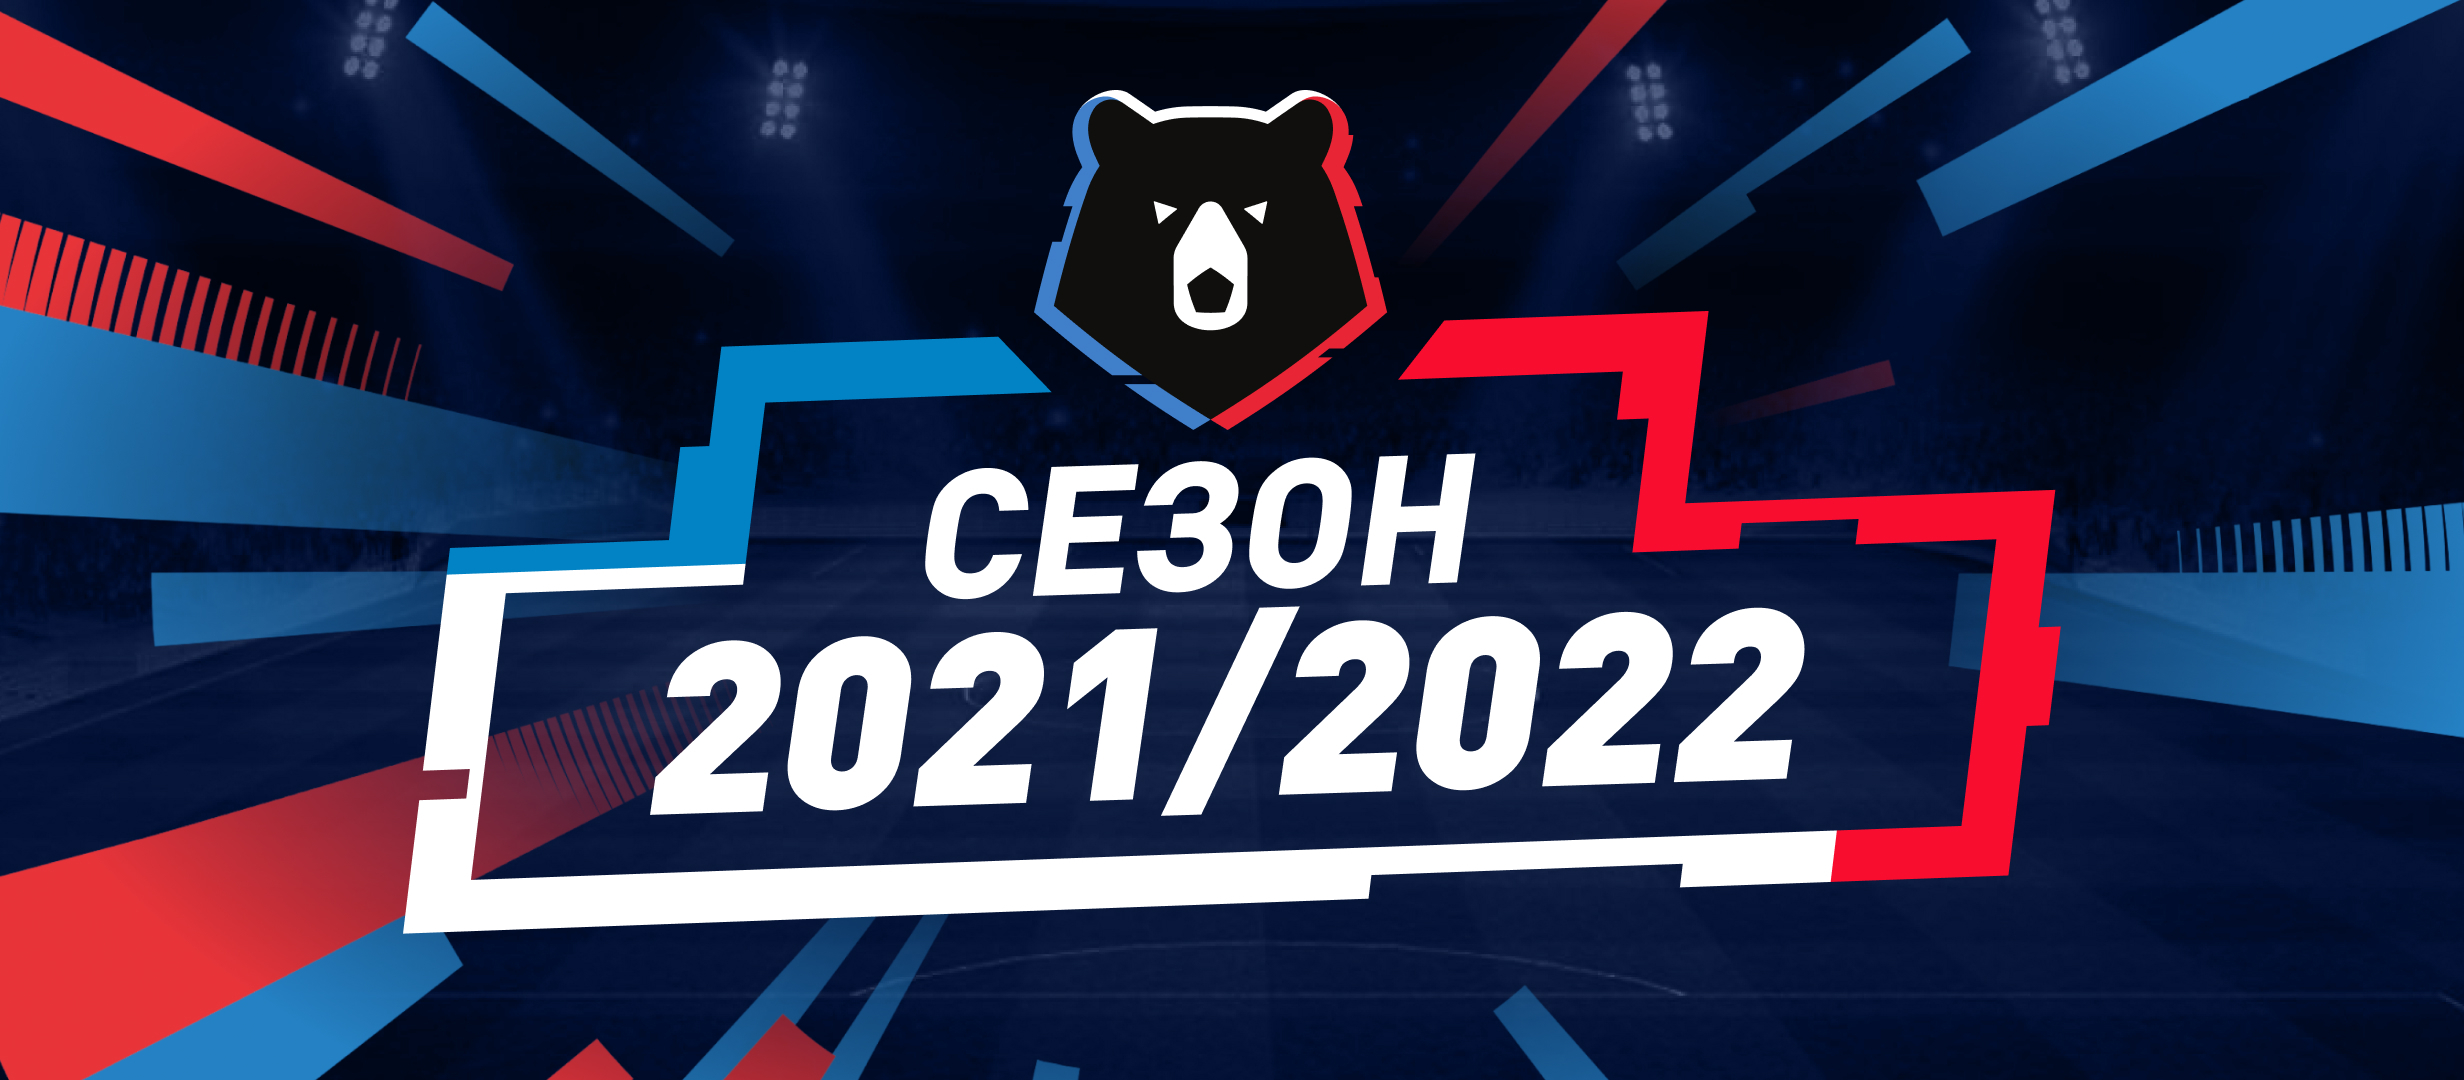 Сезон новый, фавориты старые. Превью к чемпионату РПЛ-2021/22